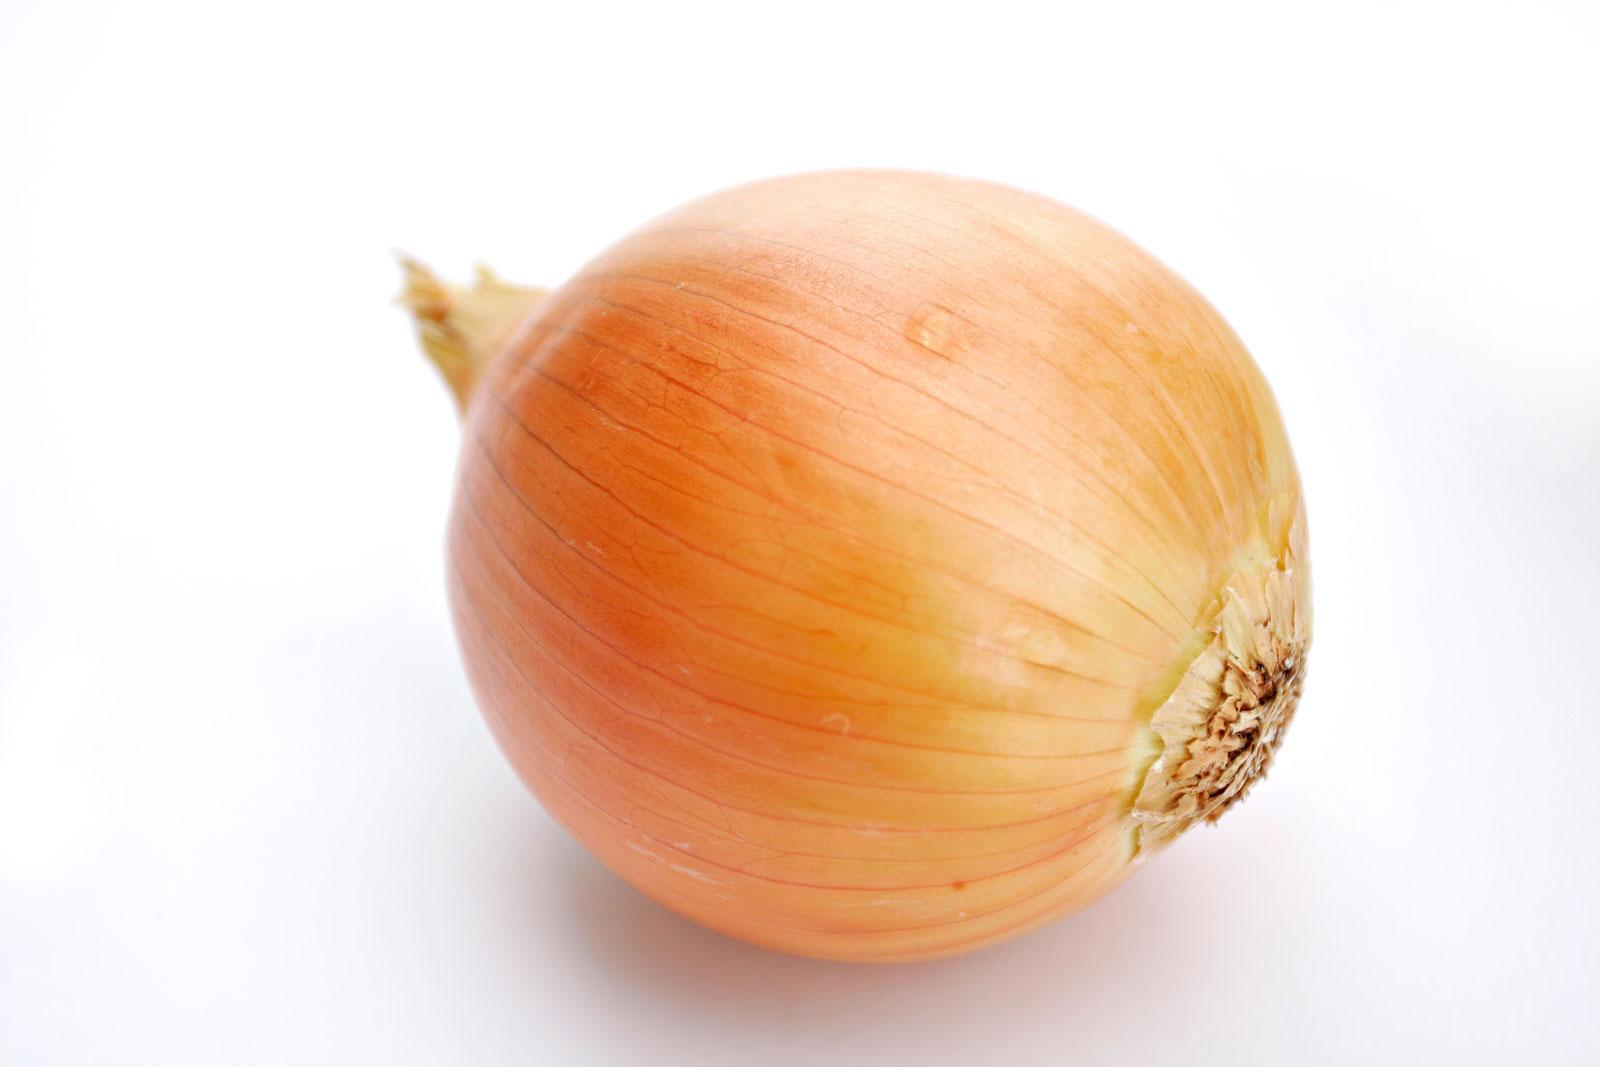 Onion_white_background.jpg